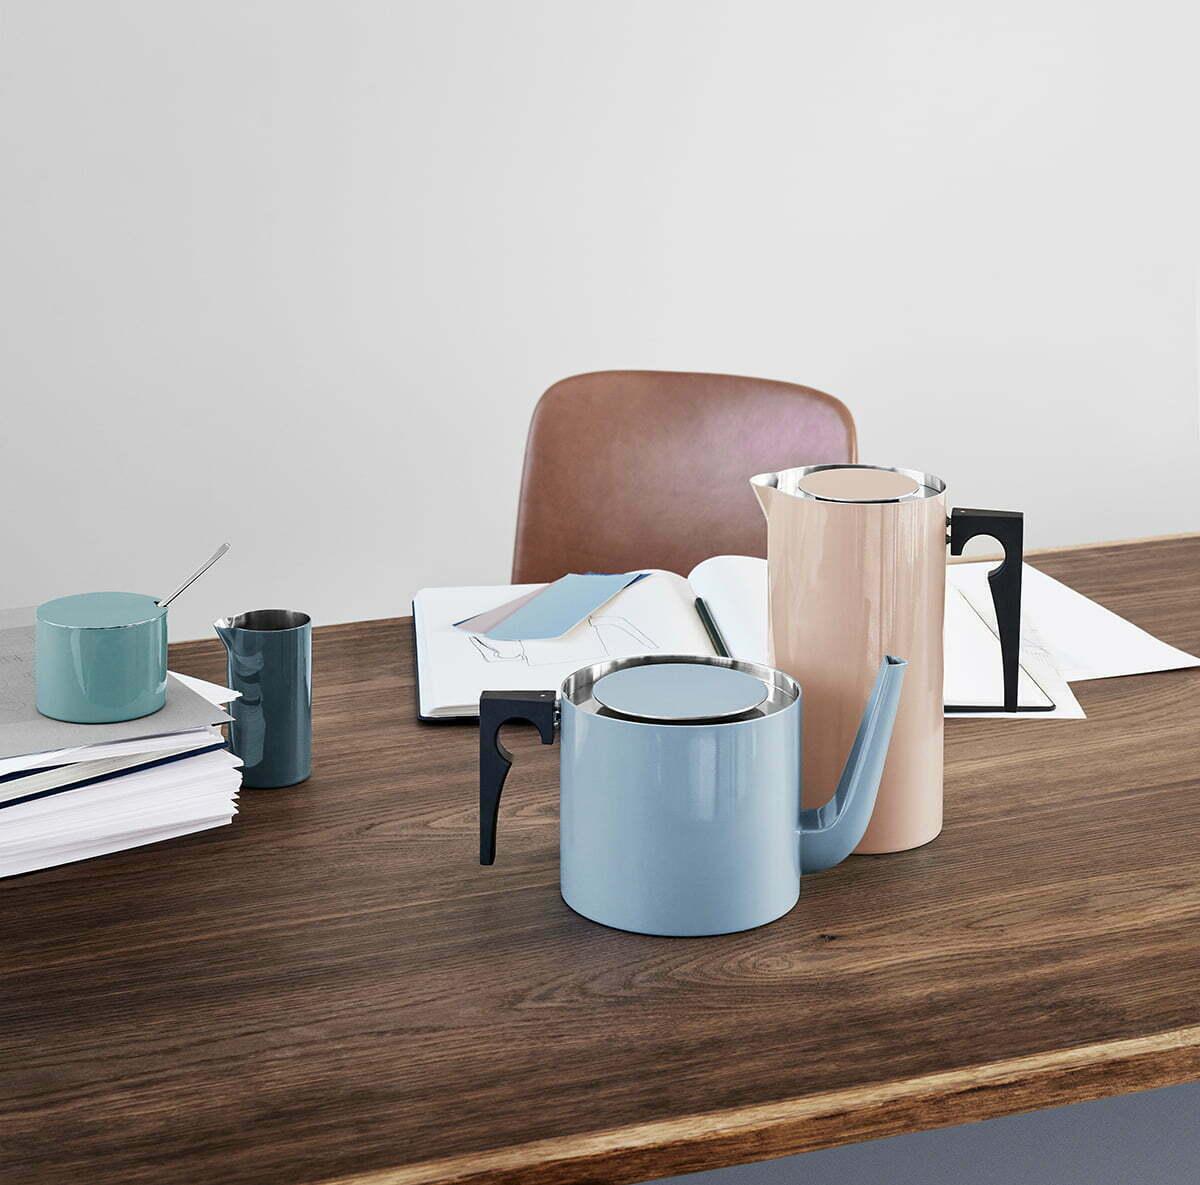 Design-Klassiker: 50 Jahre Cylinda-Serie